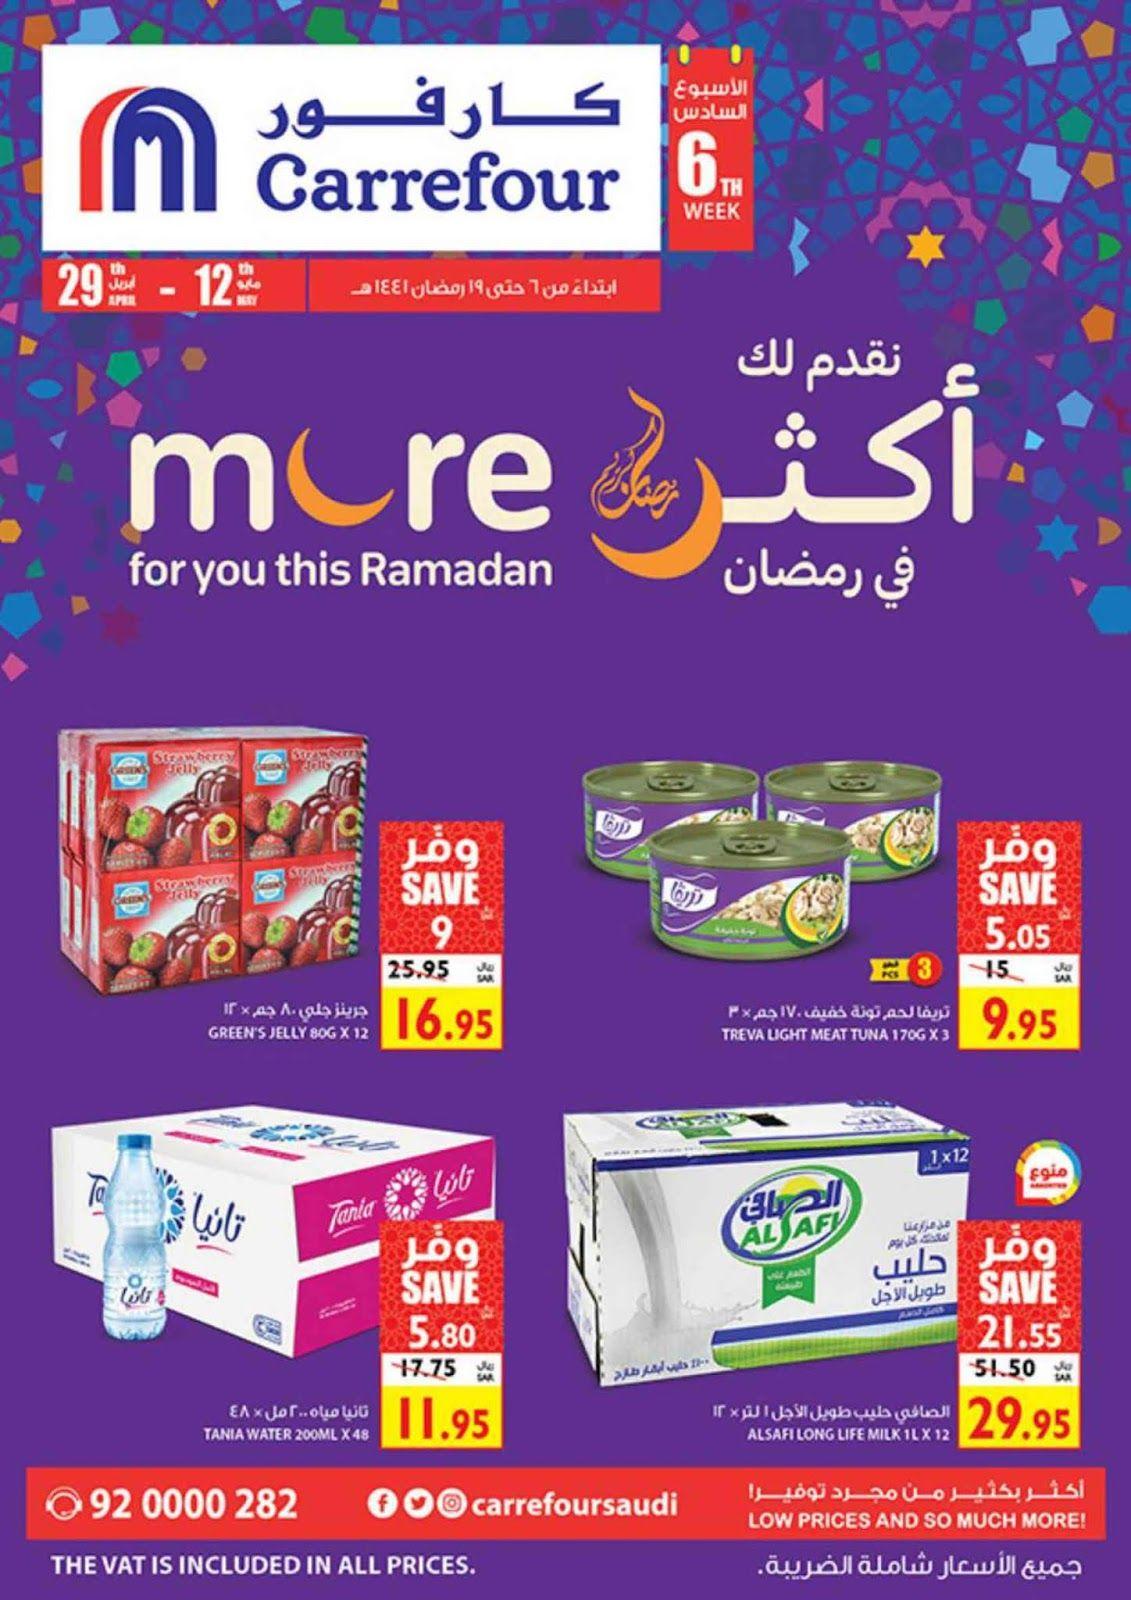 عروض رمضان عروض كارفور السعودية الاسبوعية ليوم الاربعاء 10 ابريل 2019 عروض اليوم Weekly Flyer Pops Cereal Box Flyer